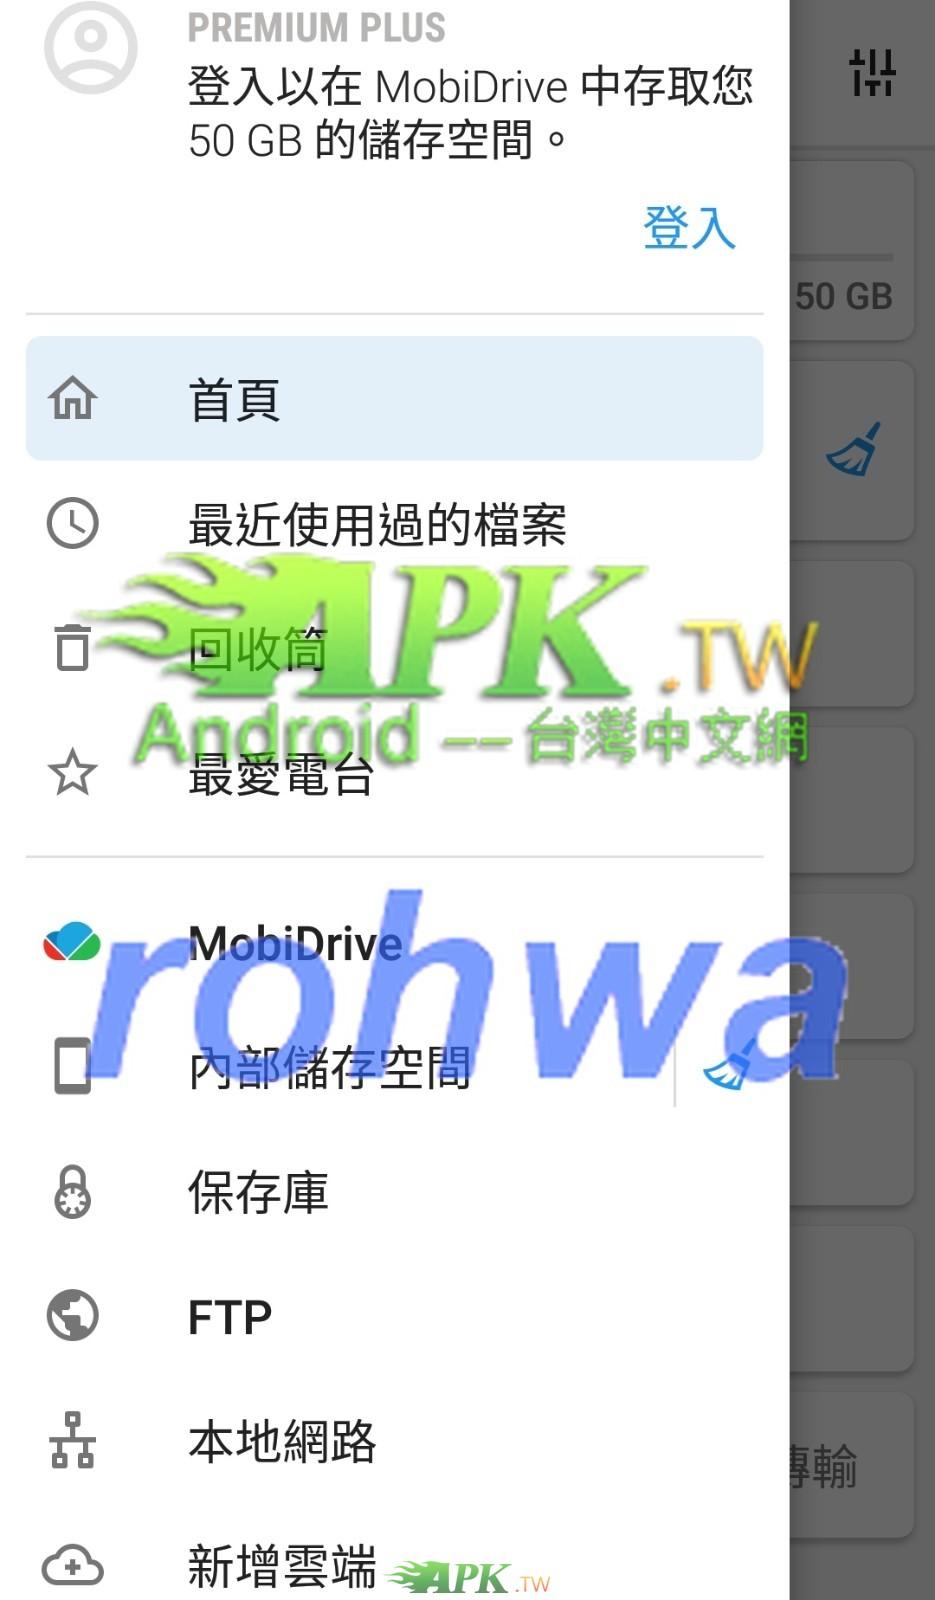 FileCommander__1_.jpg